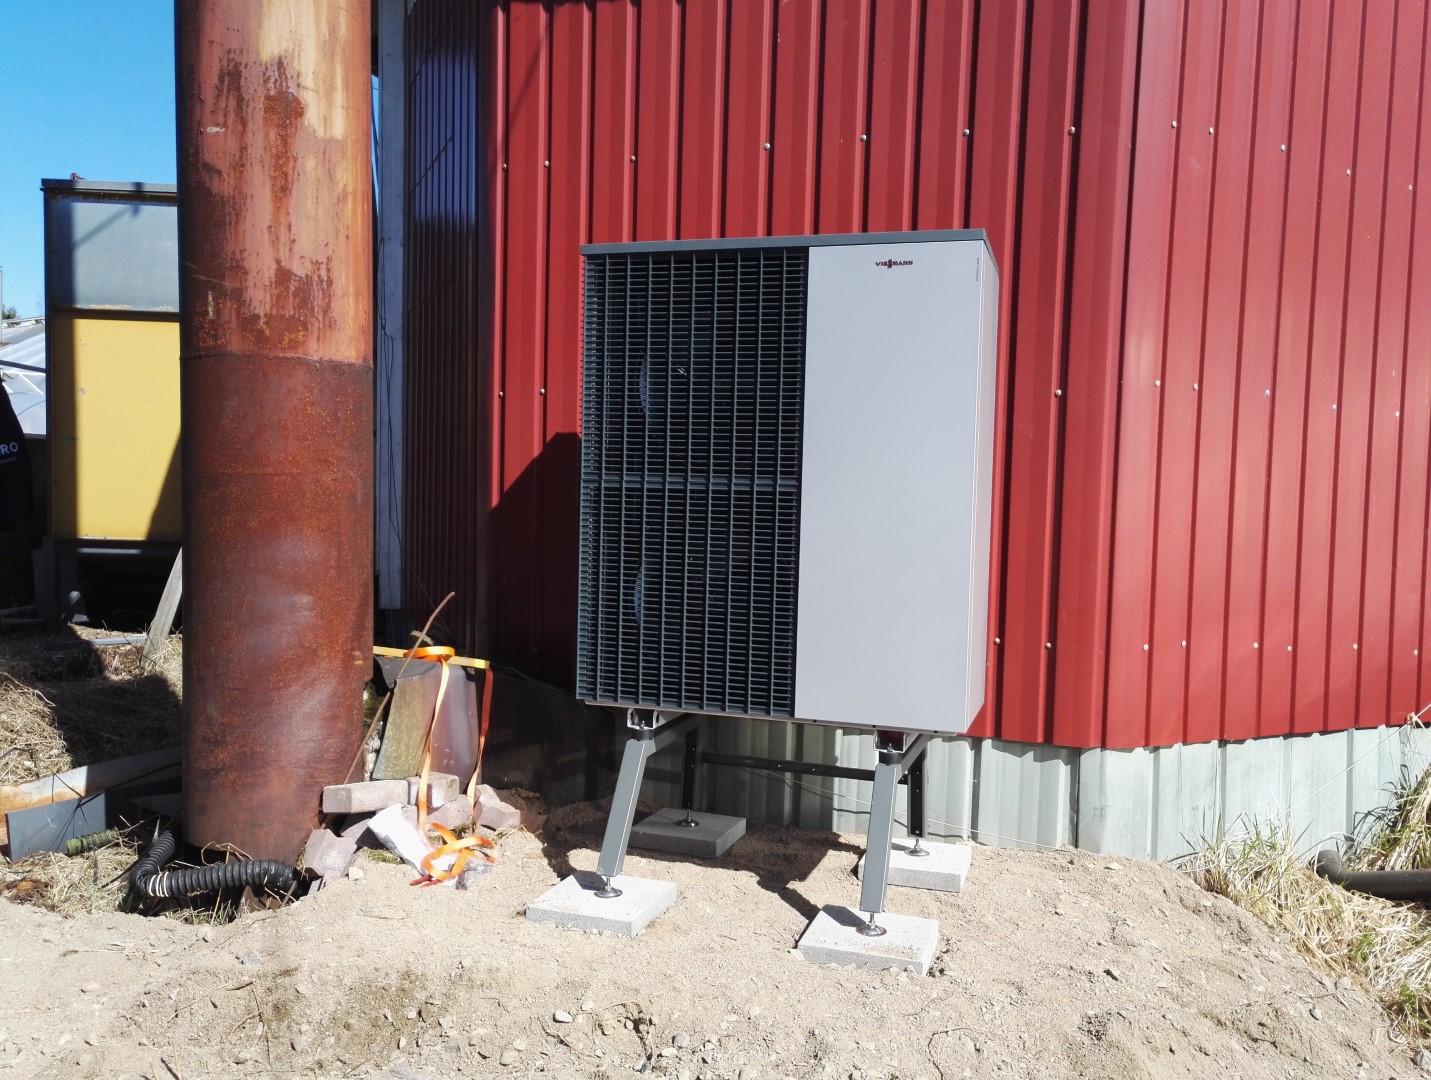 Viessmann Vitocal 200-S 13 kW ilma-vesilämpöpumppu asennettuna, Saarijärvi - Keski-Suomi